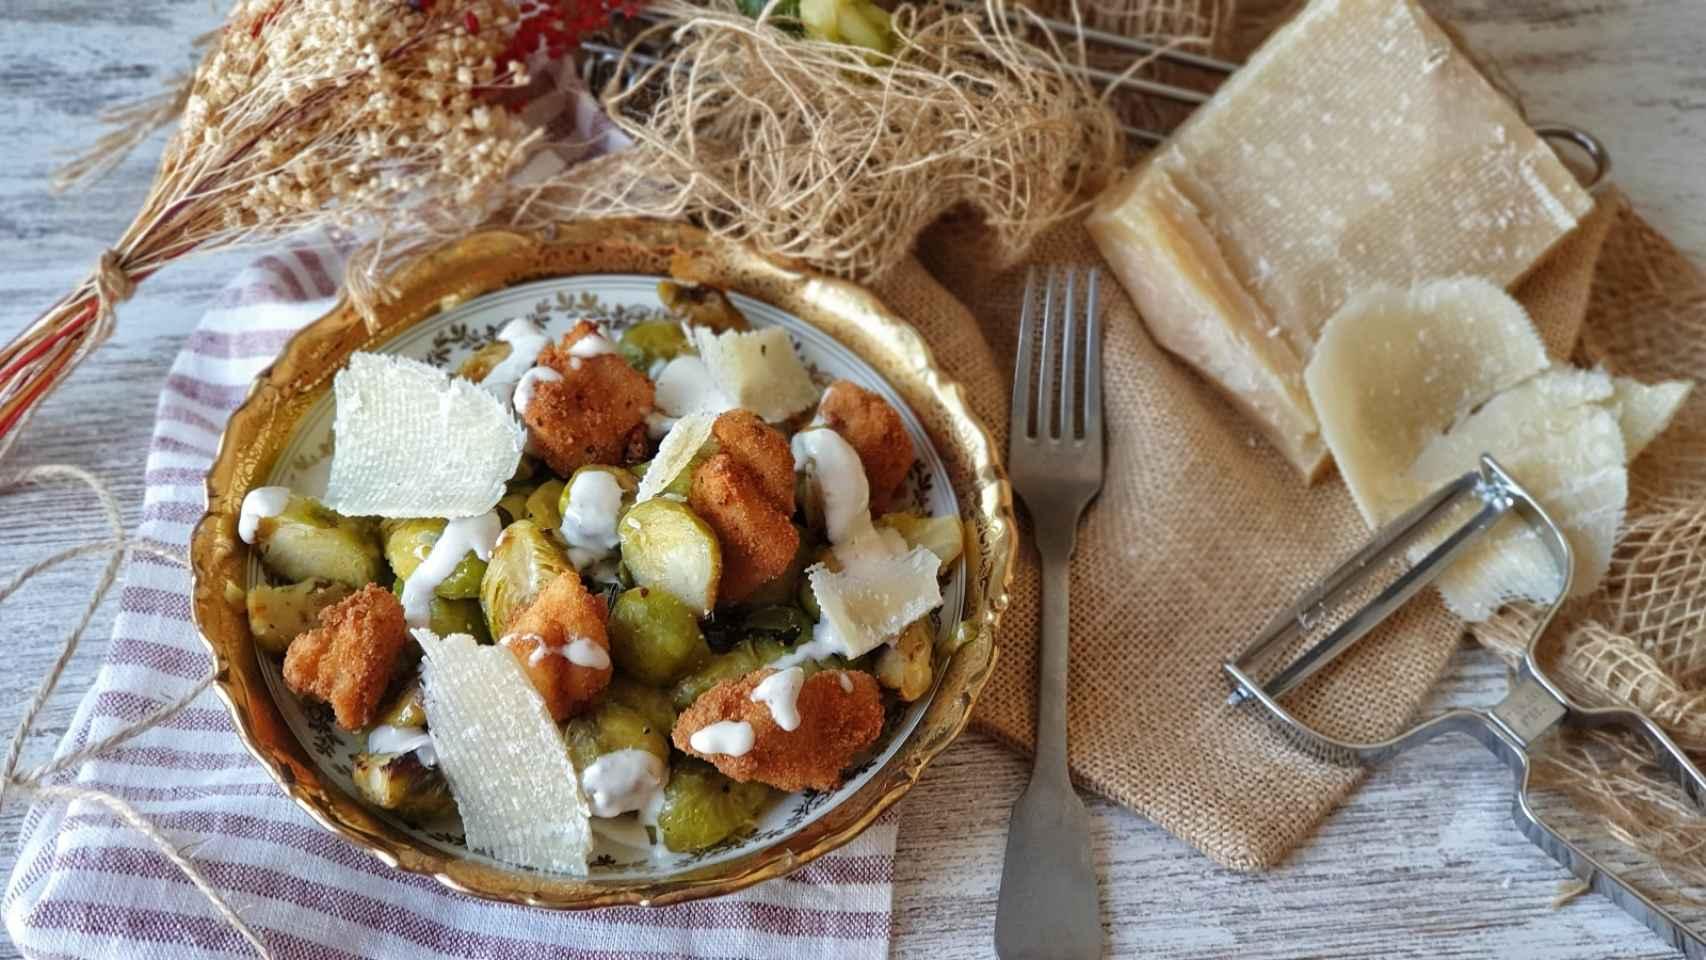 Ensalada César de coles de Bruselas y pollo, ¡riquísima!